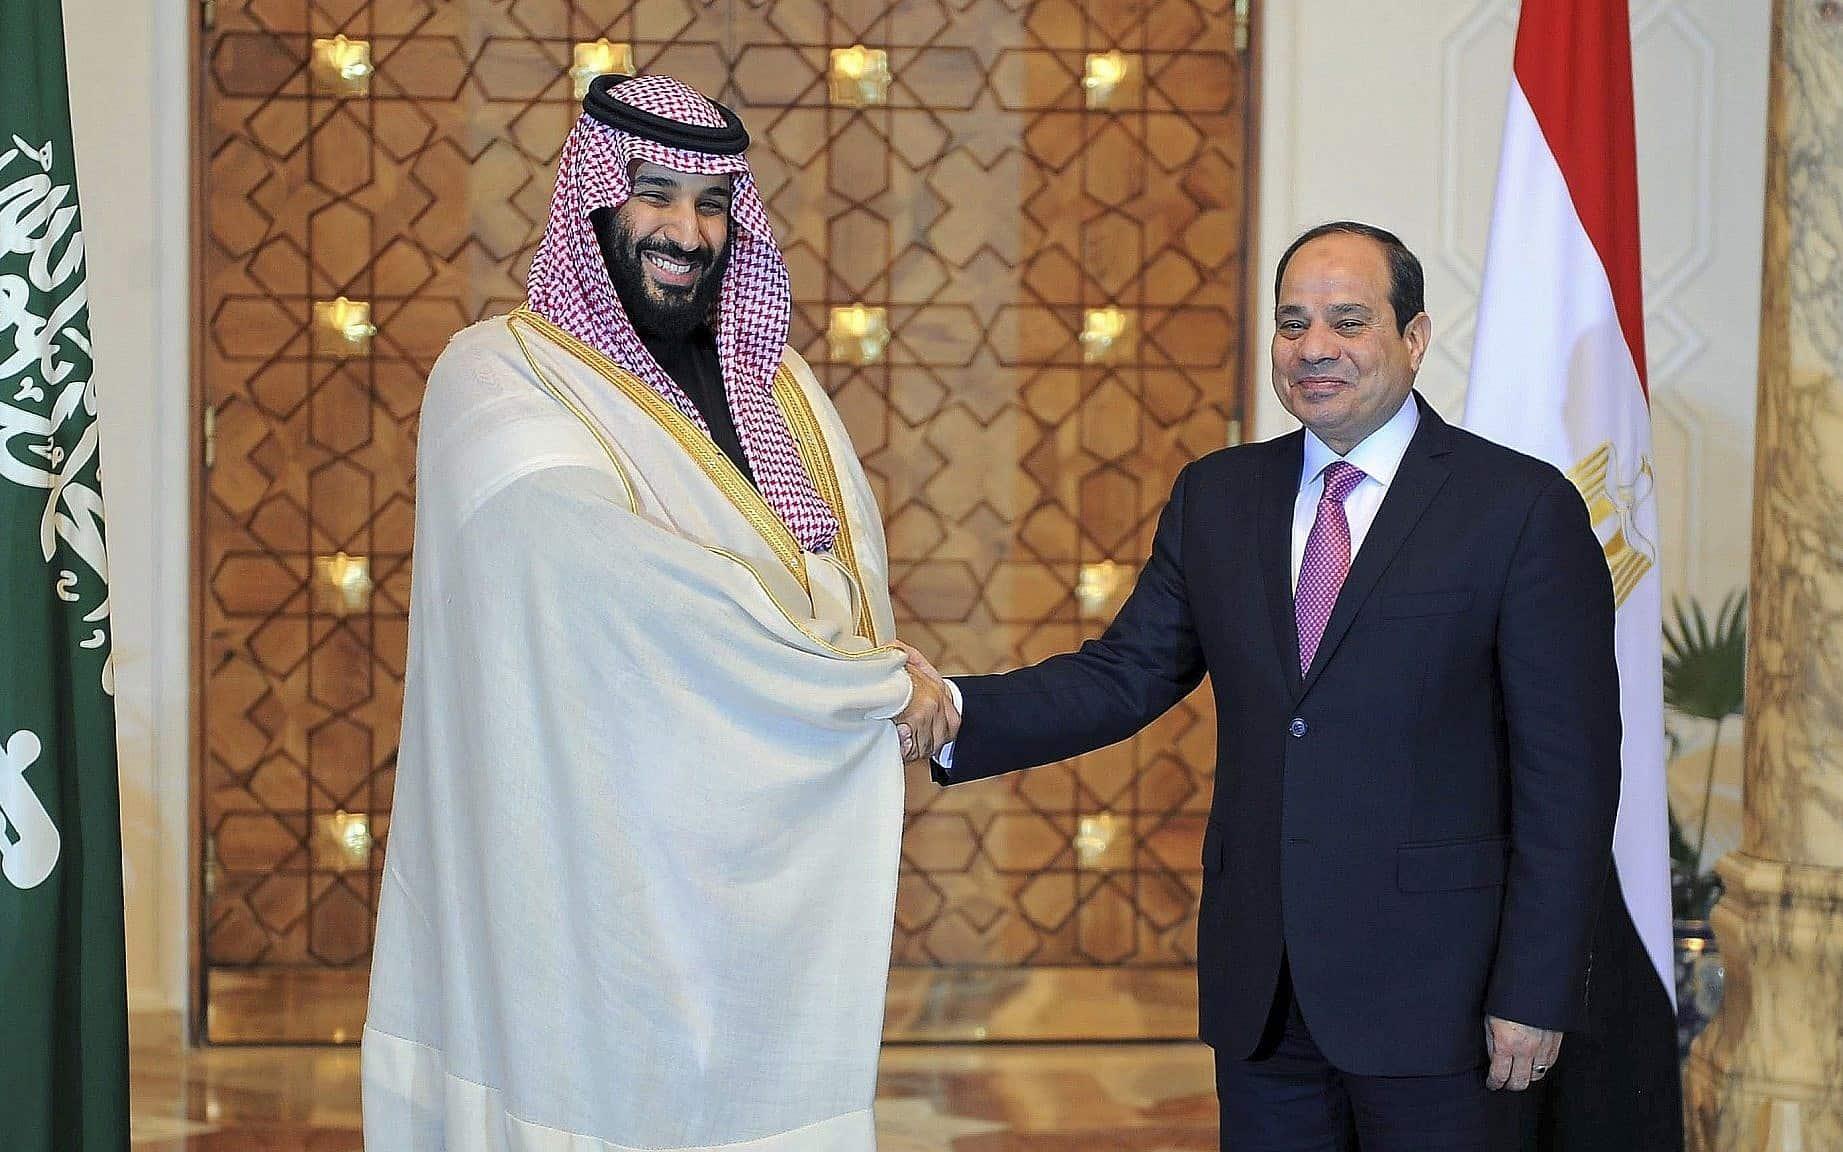 %D9%85%D8%B5%D8%B1-%D8%A7%D9%84%D8%B3%D8%B9%D9%88%D8%AF%D9%8A%D8%A9 الأزمة المالية قد تعود إلى مصر من بوابة السعودية